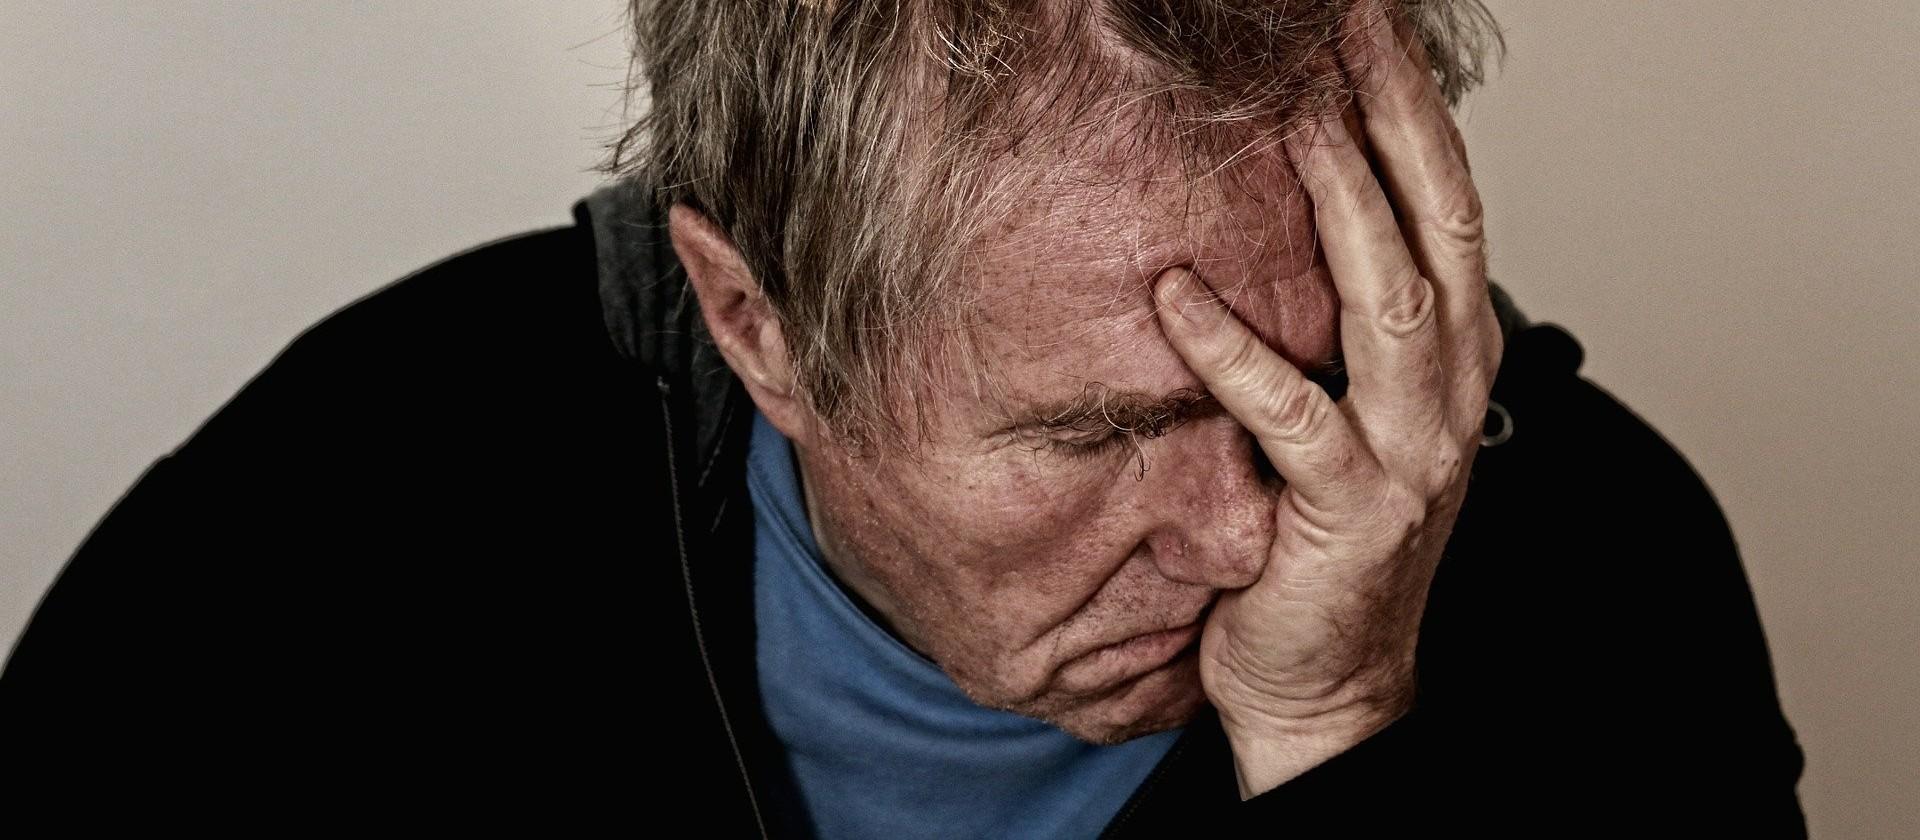 Doenças psicossomáticas: Desdobrando o assunto